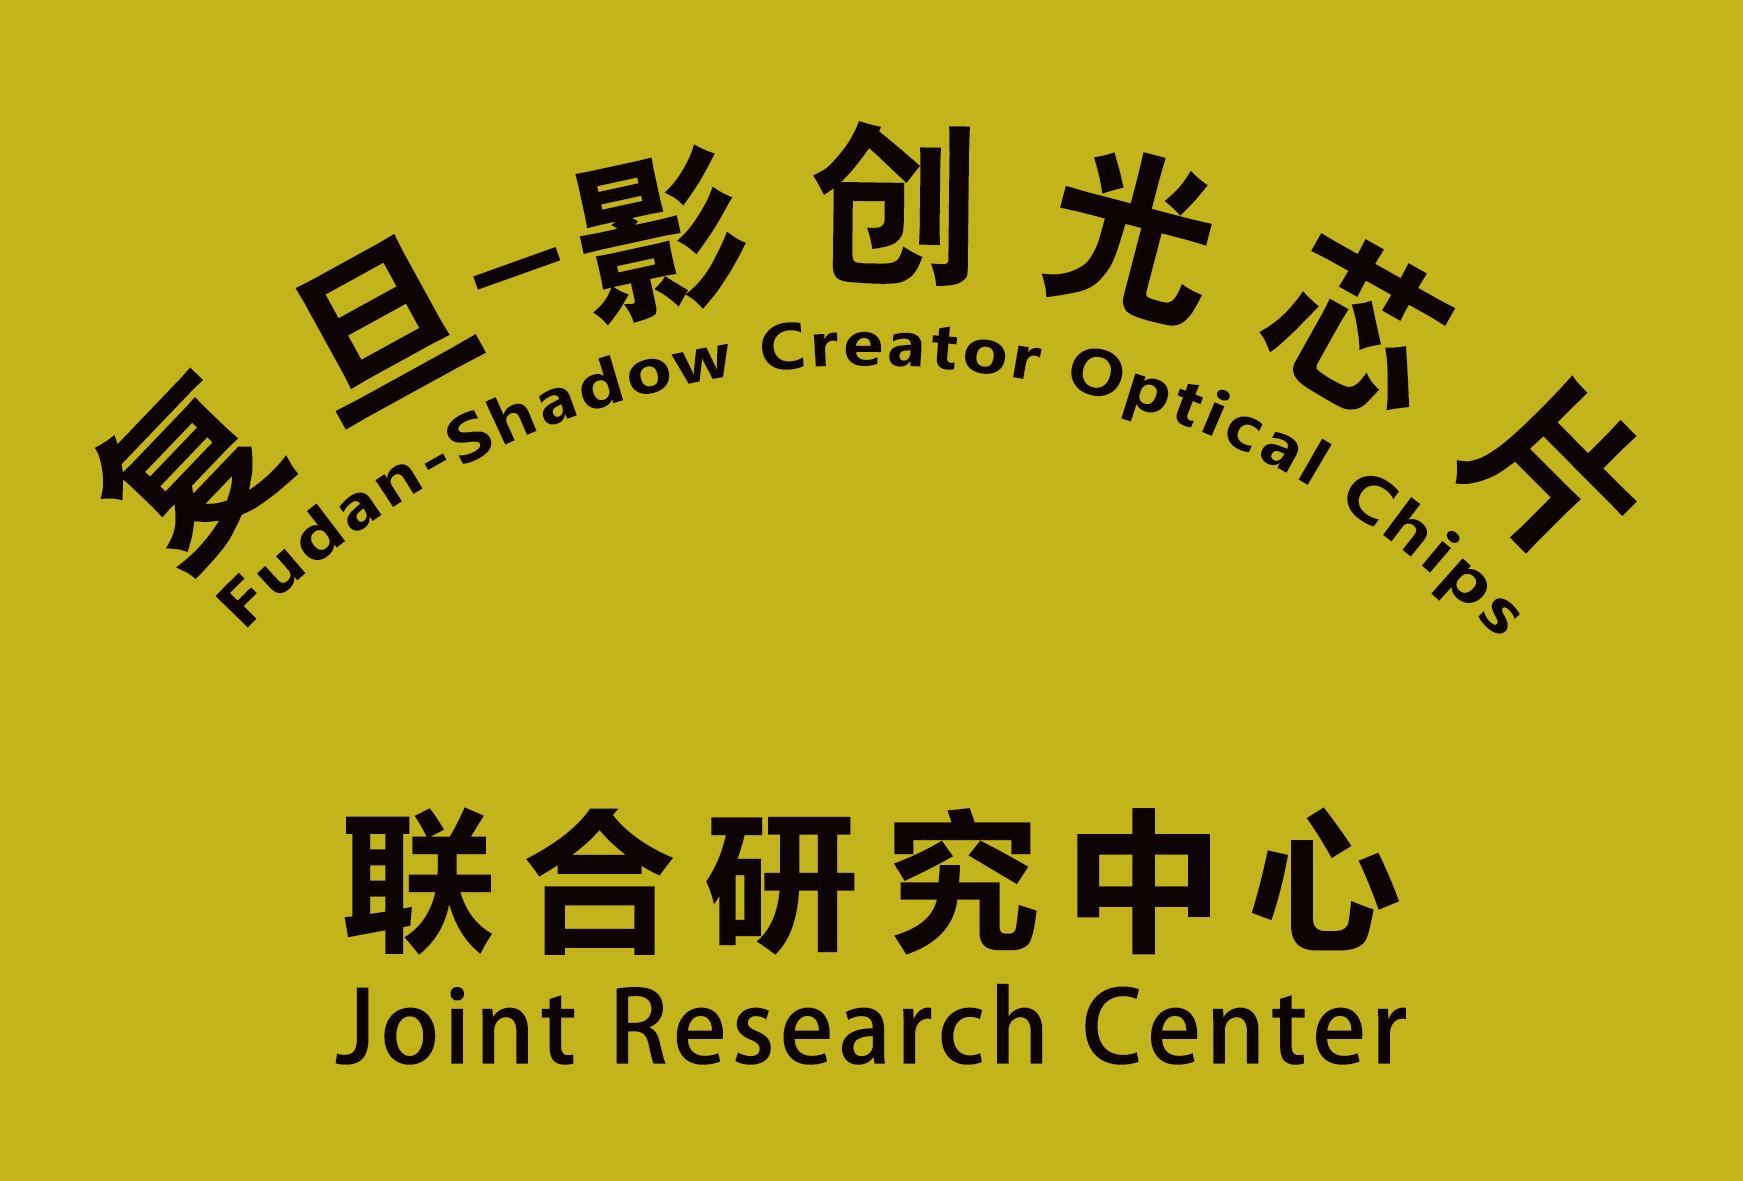 """影创科技与复旦大学合作共建""""复旦-影创光芯片联合研究中心"""""""